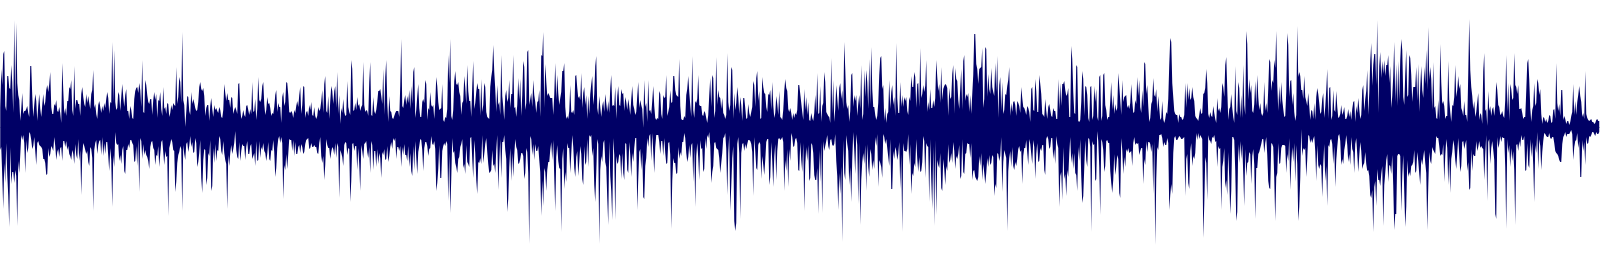 waveform of track #144042